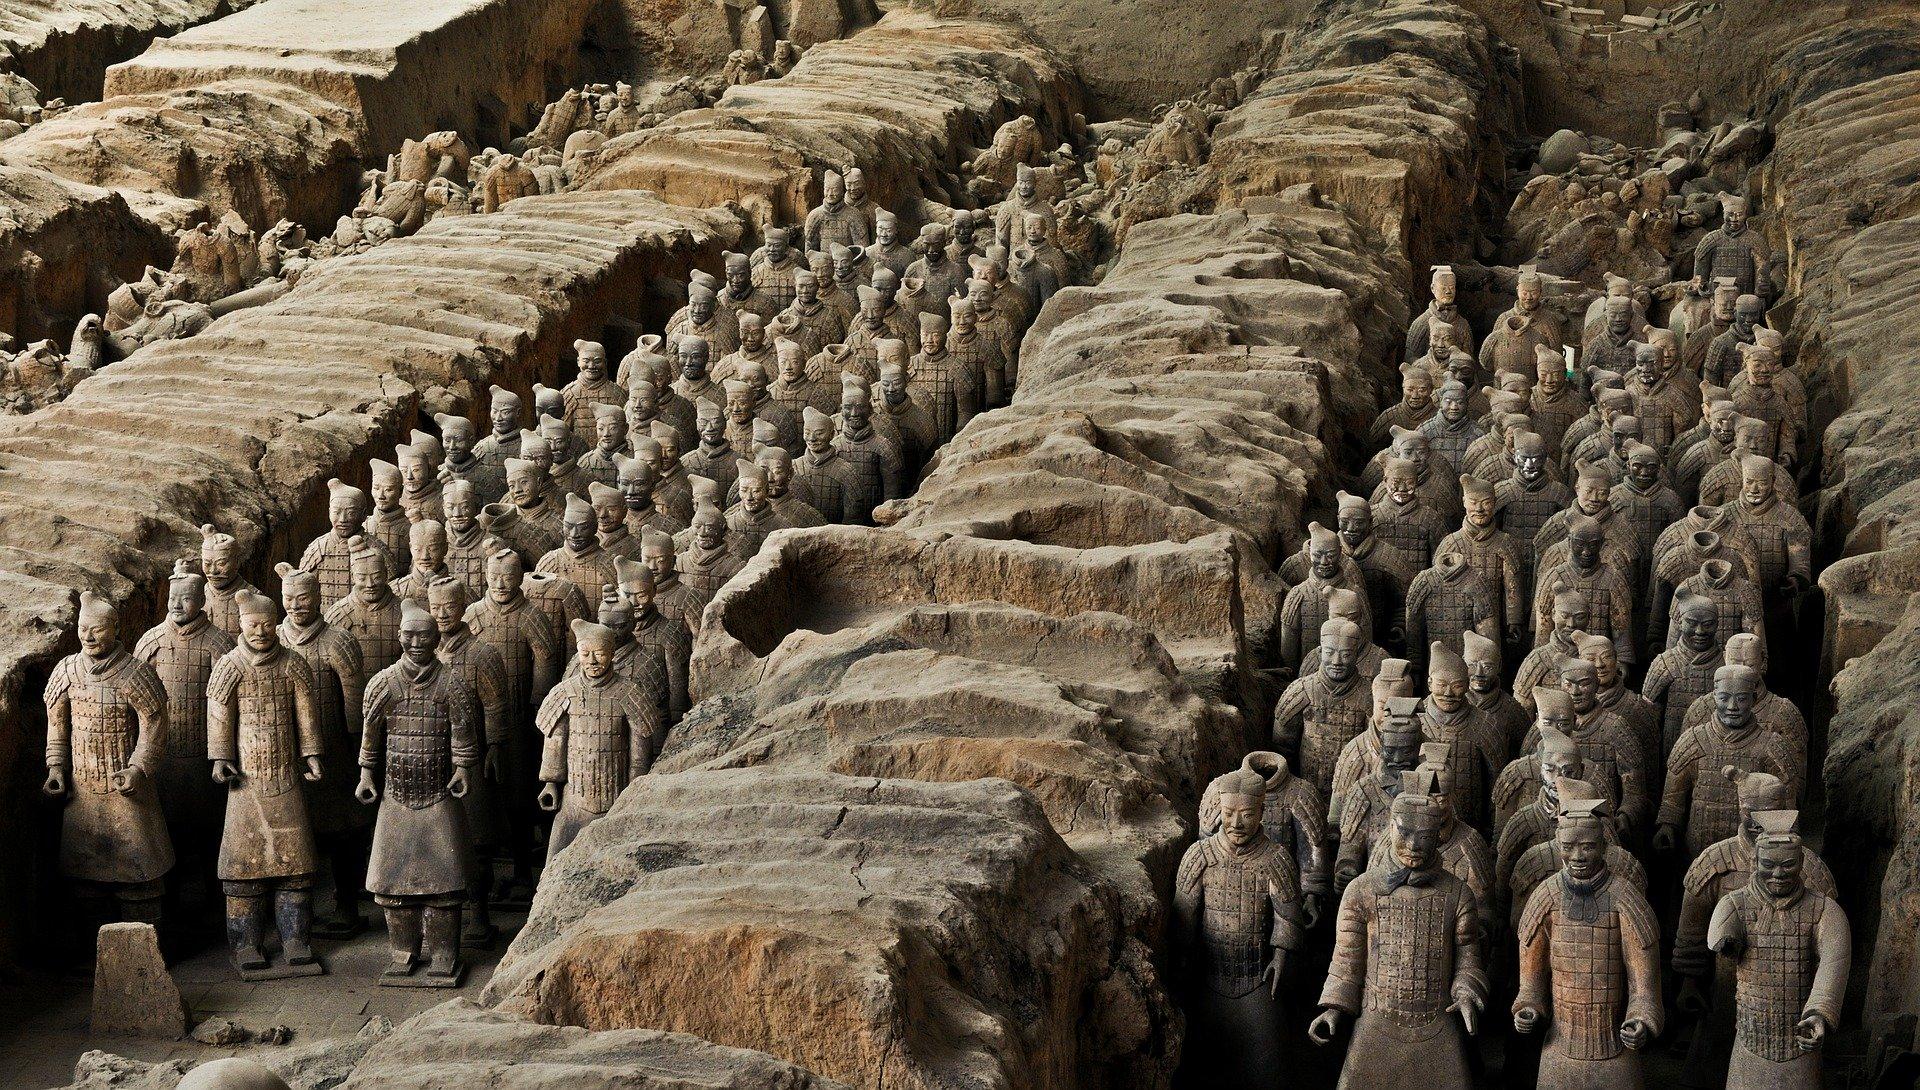 Krieger der Terrakottaarmee stehen Aufgereiht in einem Grab. Es sind soviele, das das Ende nicht zu sehen ist.